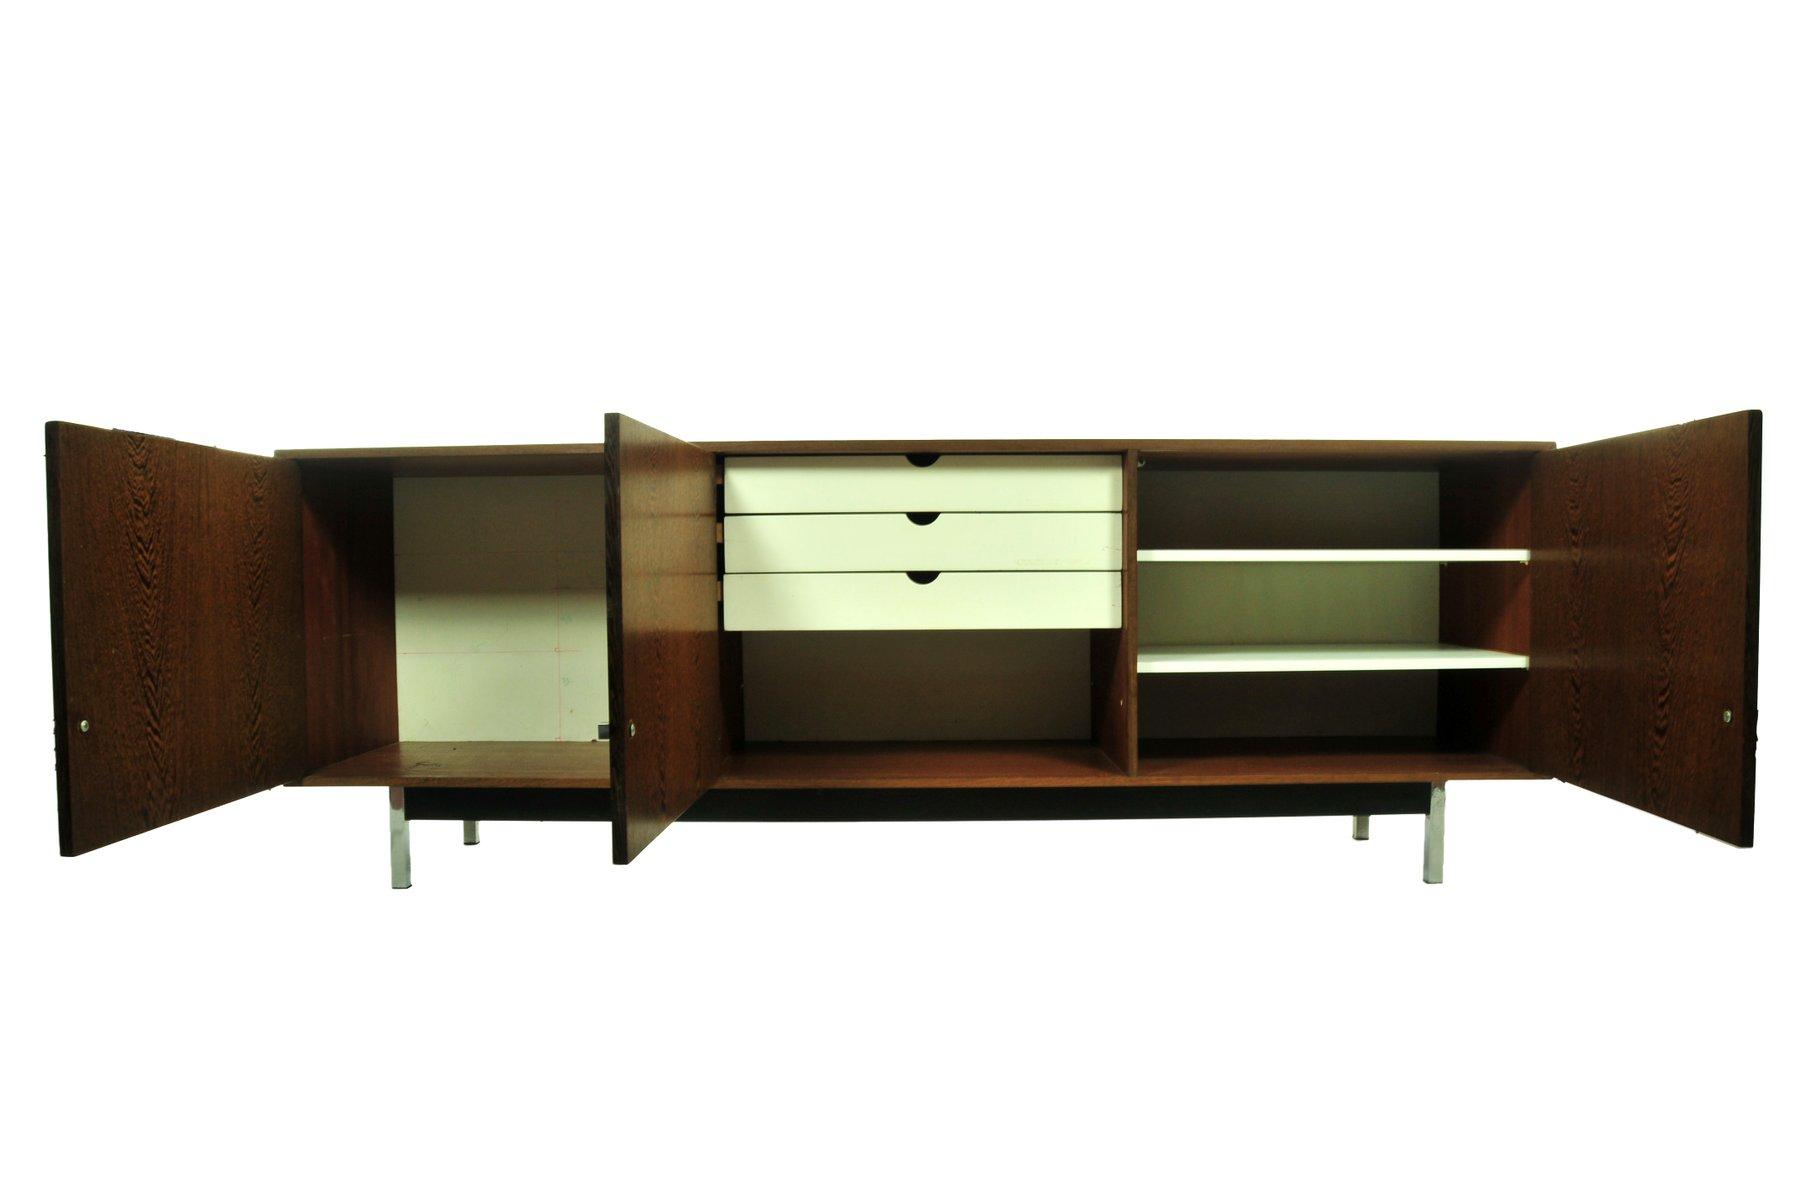 gro es weng sideboard 1960er bei pamono kaufen. Black Bedroom Furniture Sets. Home Design Ideas